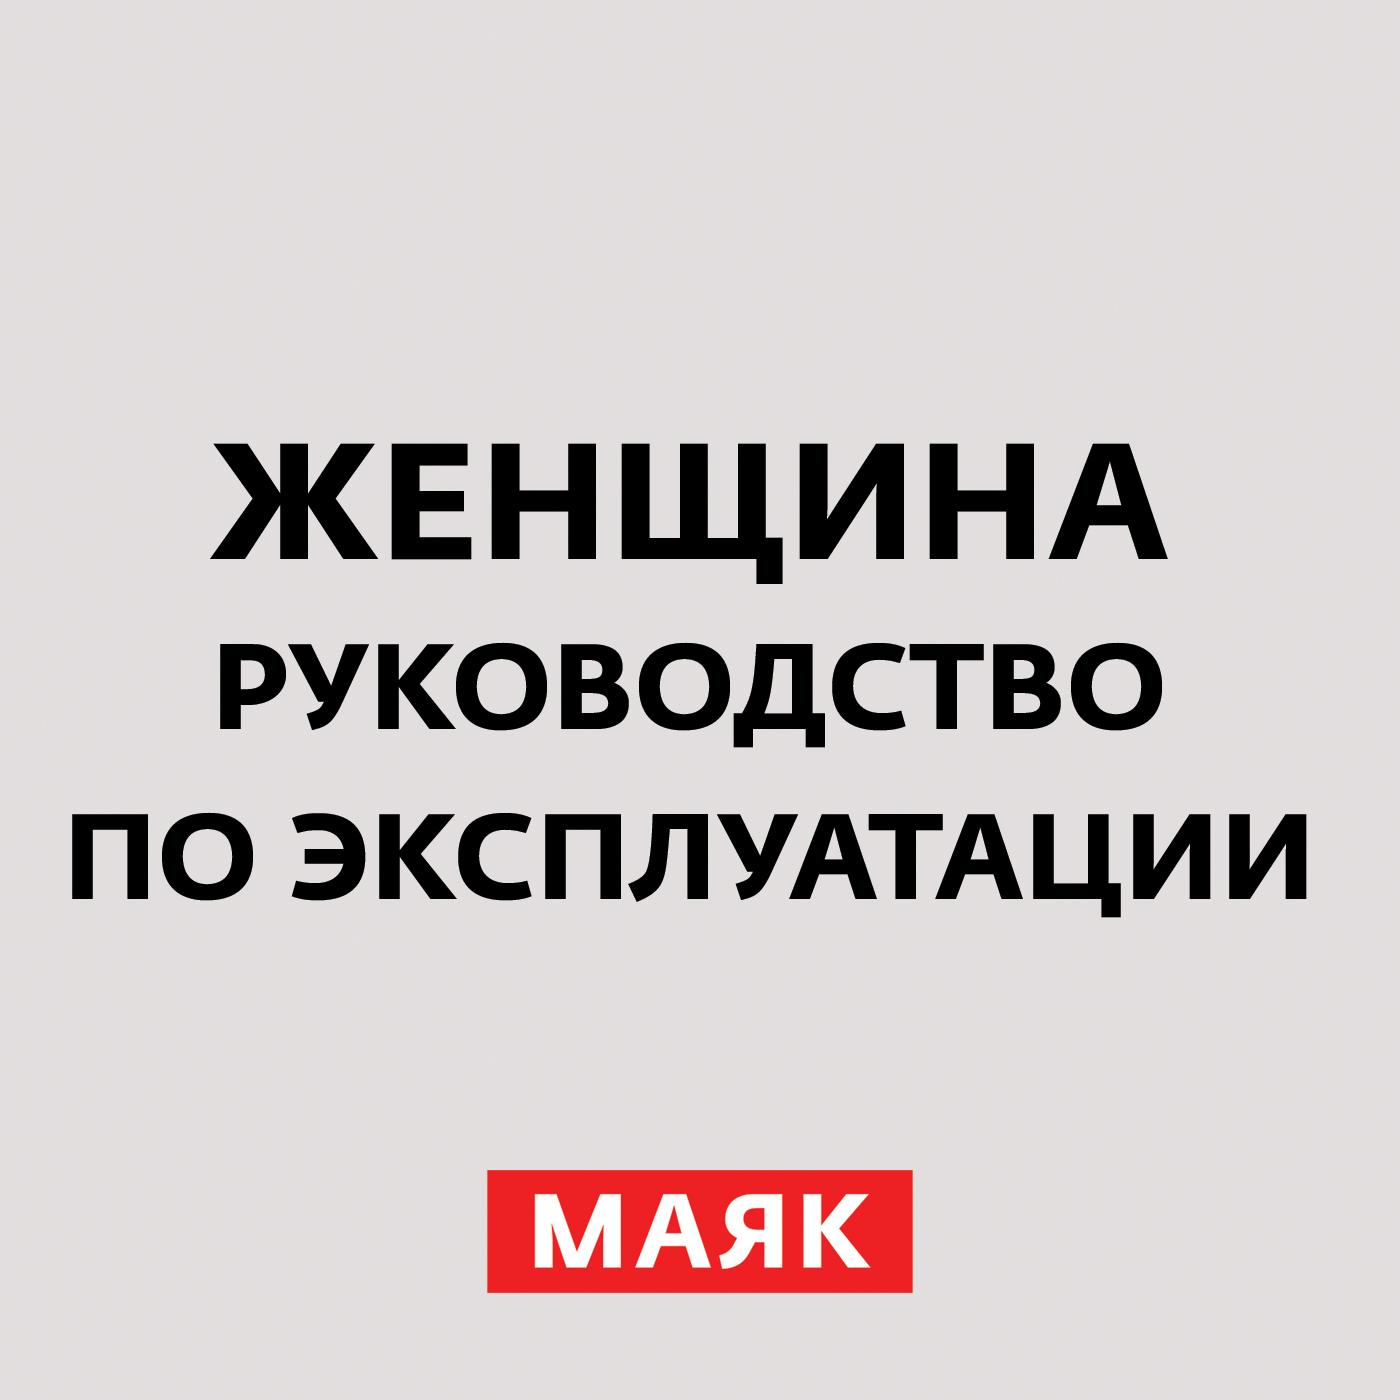 Творческий коллектив радио «Маяк» Женский глянец творческий коллектив радио маяк женский глянец